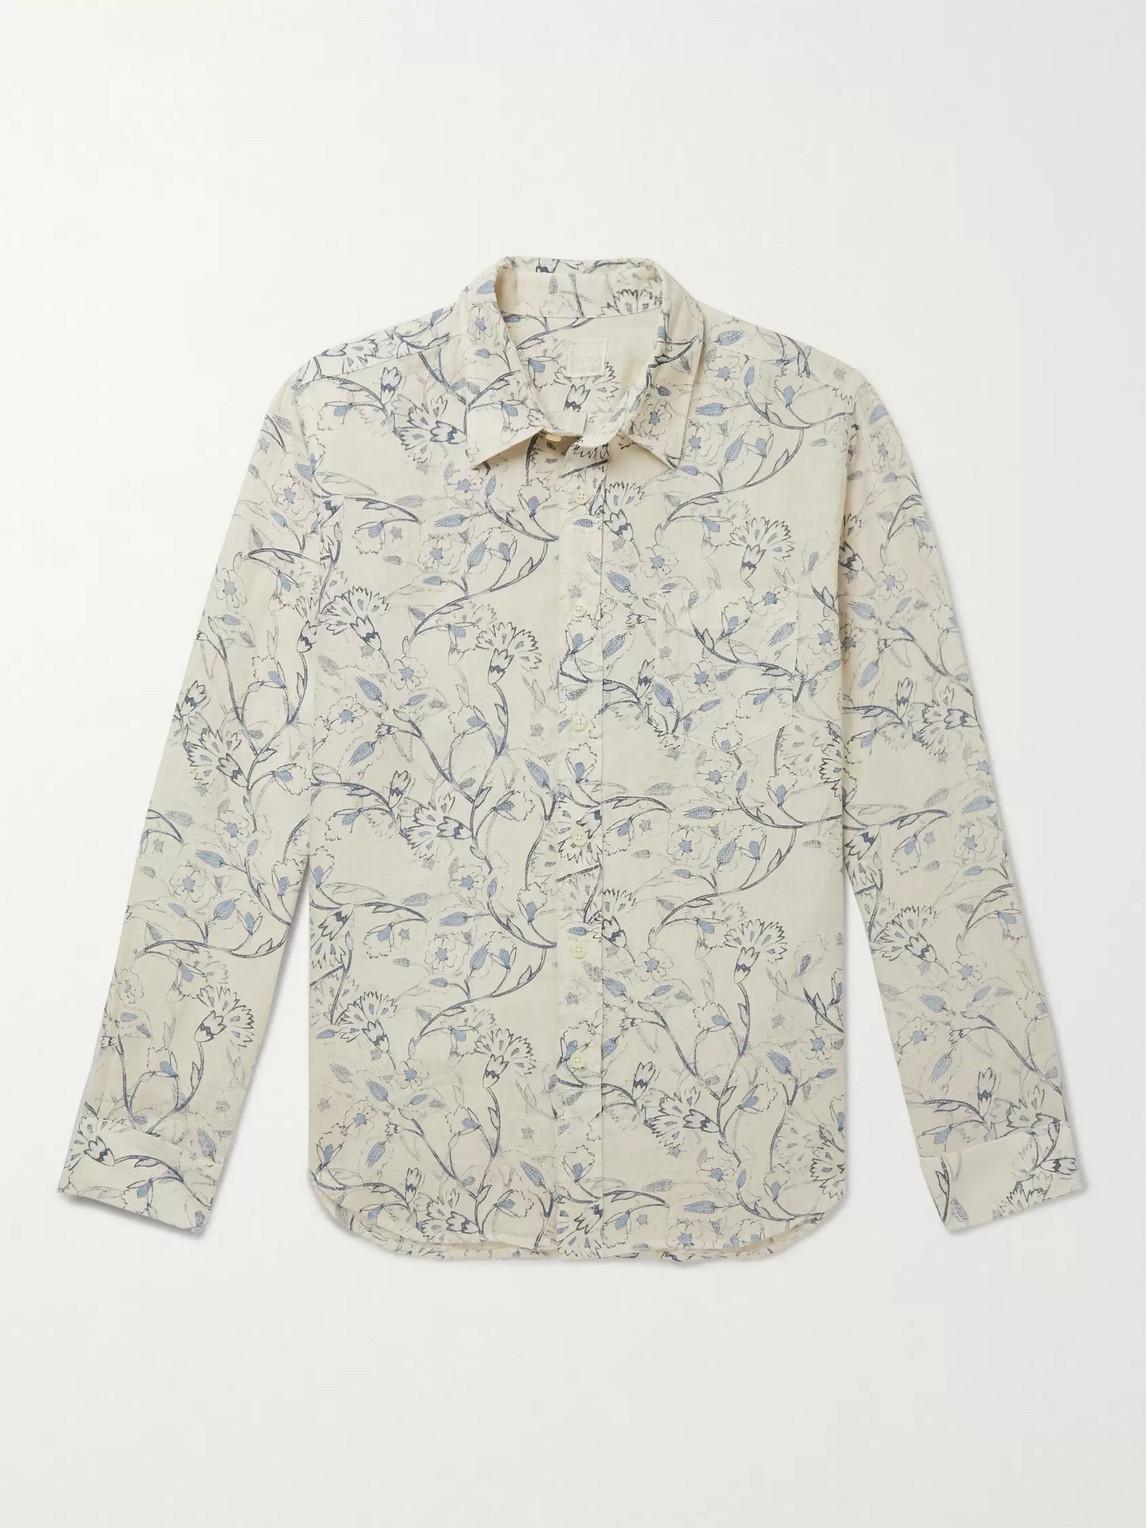 120% Printed Linen Shirt In Neutrals